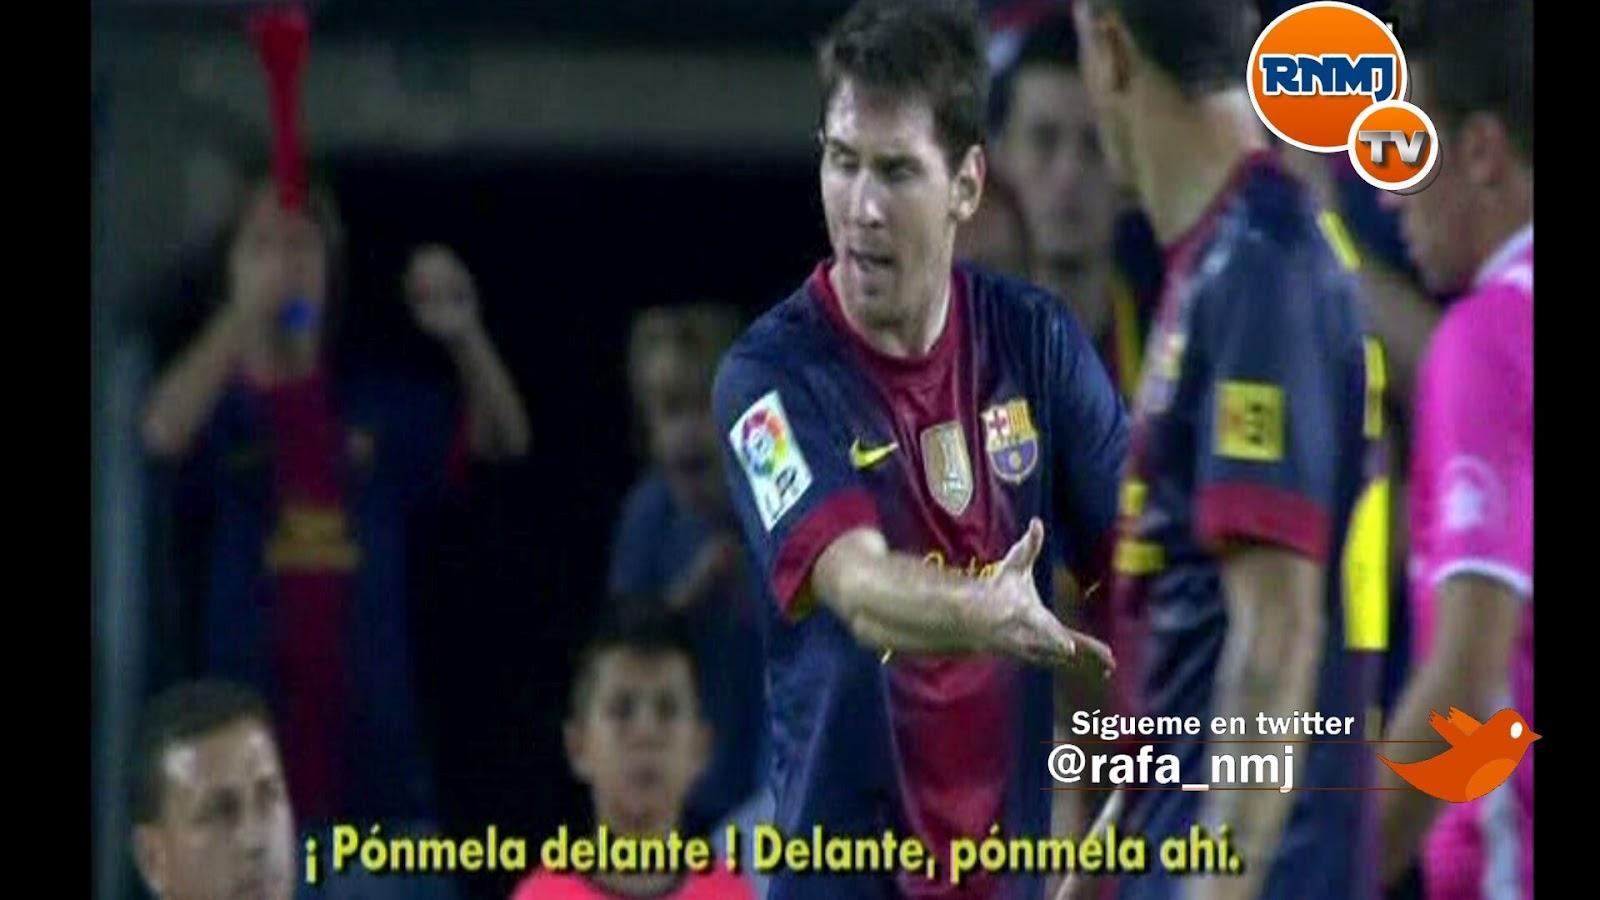 http://3.bp.blogspot.com/-Y92KXE9uDtg/UF54MUBQPrI/AAAAAAAAARE/agEVhExJsqU/s1600/liga-bbva-las-mejores-fotos-del-barcelona-granada_05.jpg